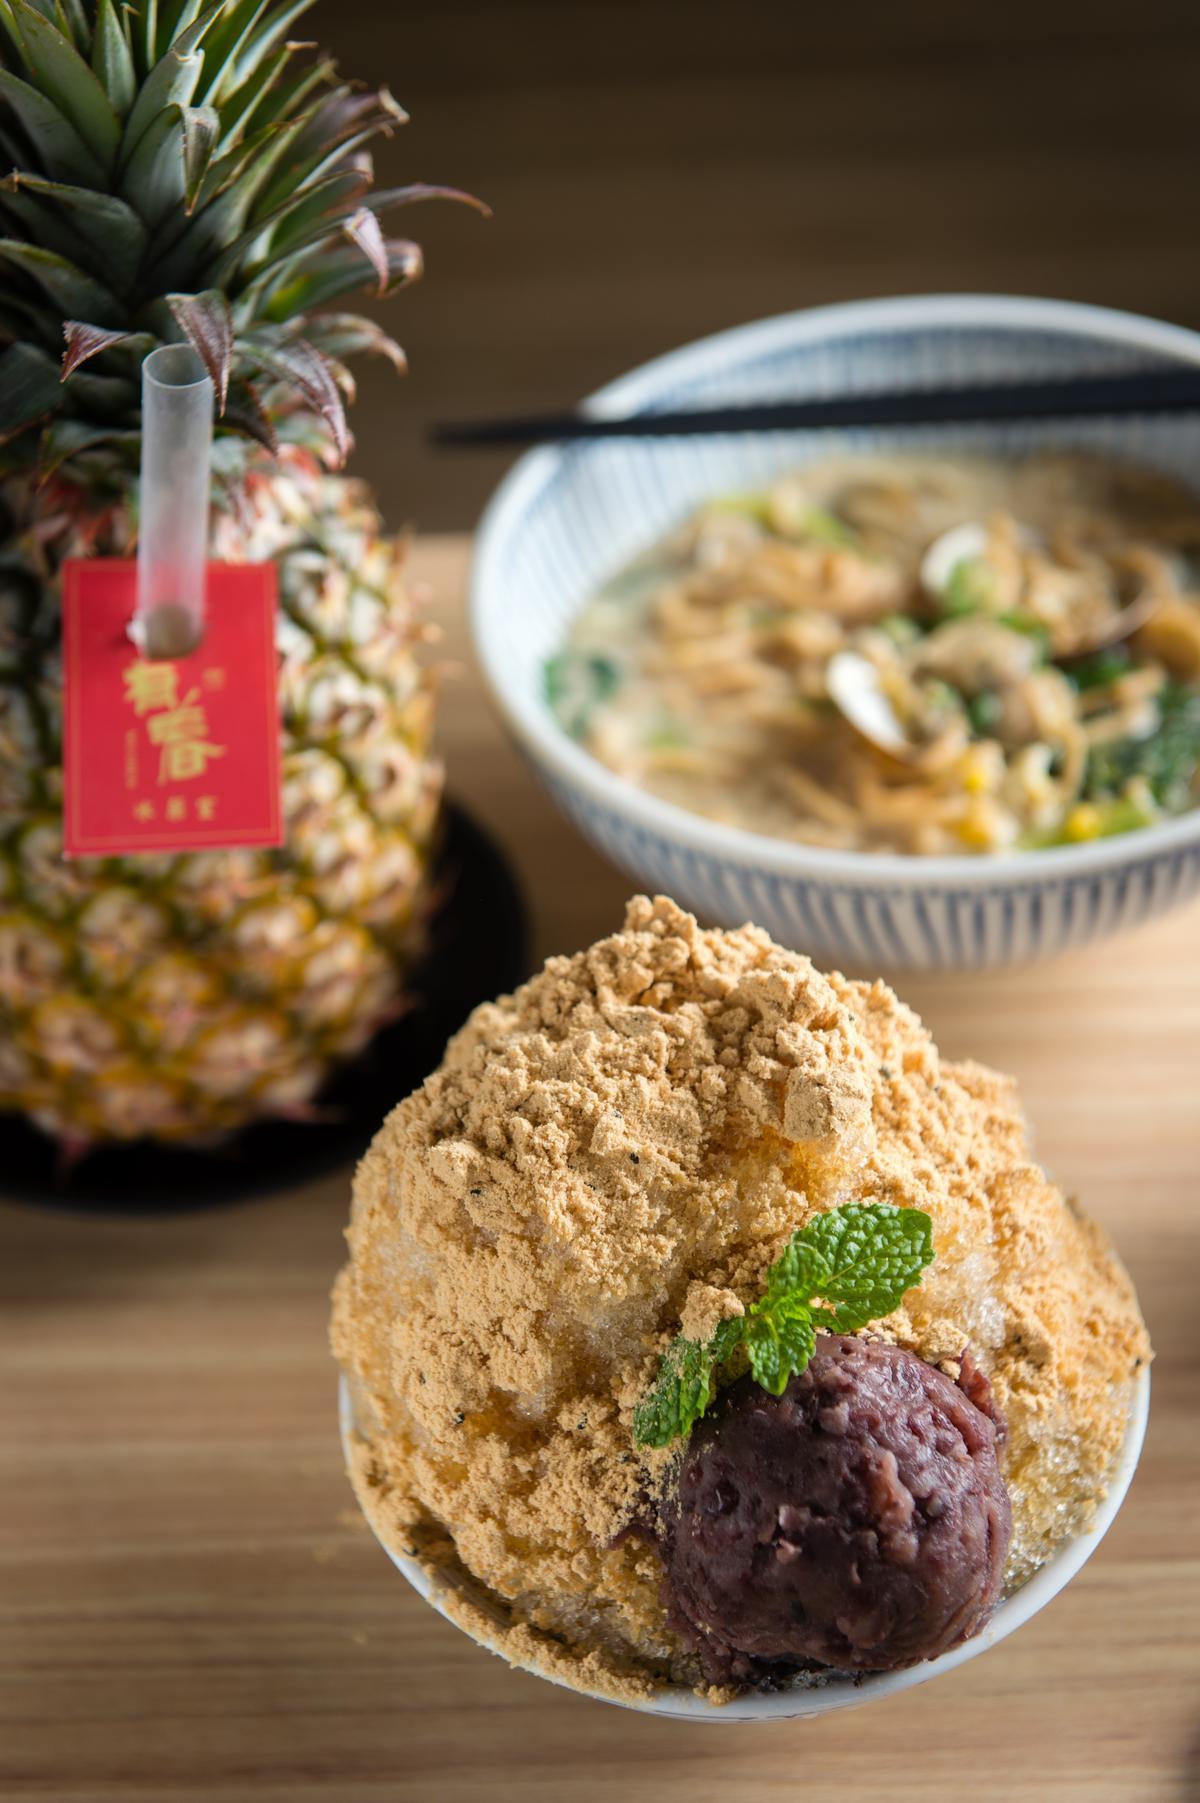 「有春冰菓室」提供「阿嬤綜合蛋麵」(後,90元/碗)及古早味剉冰「古早味麵茶冰」(前,65元/份),鹹食甜點都提供的餐點組合很方便客人吃飽也能兼吃甜點。